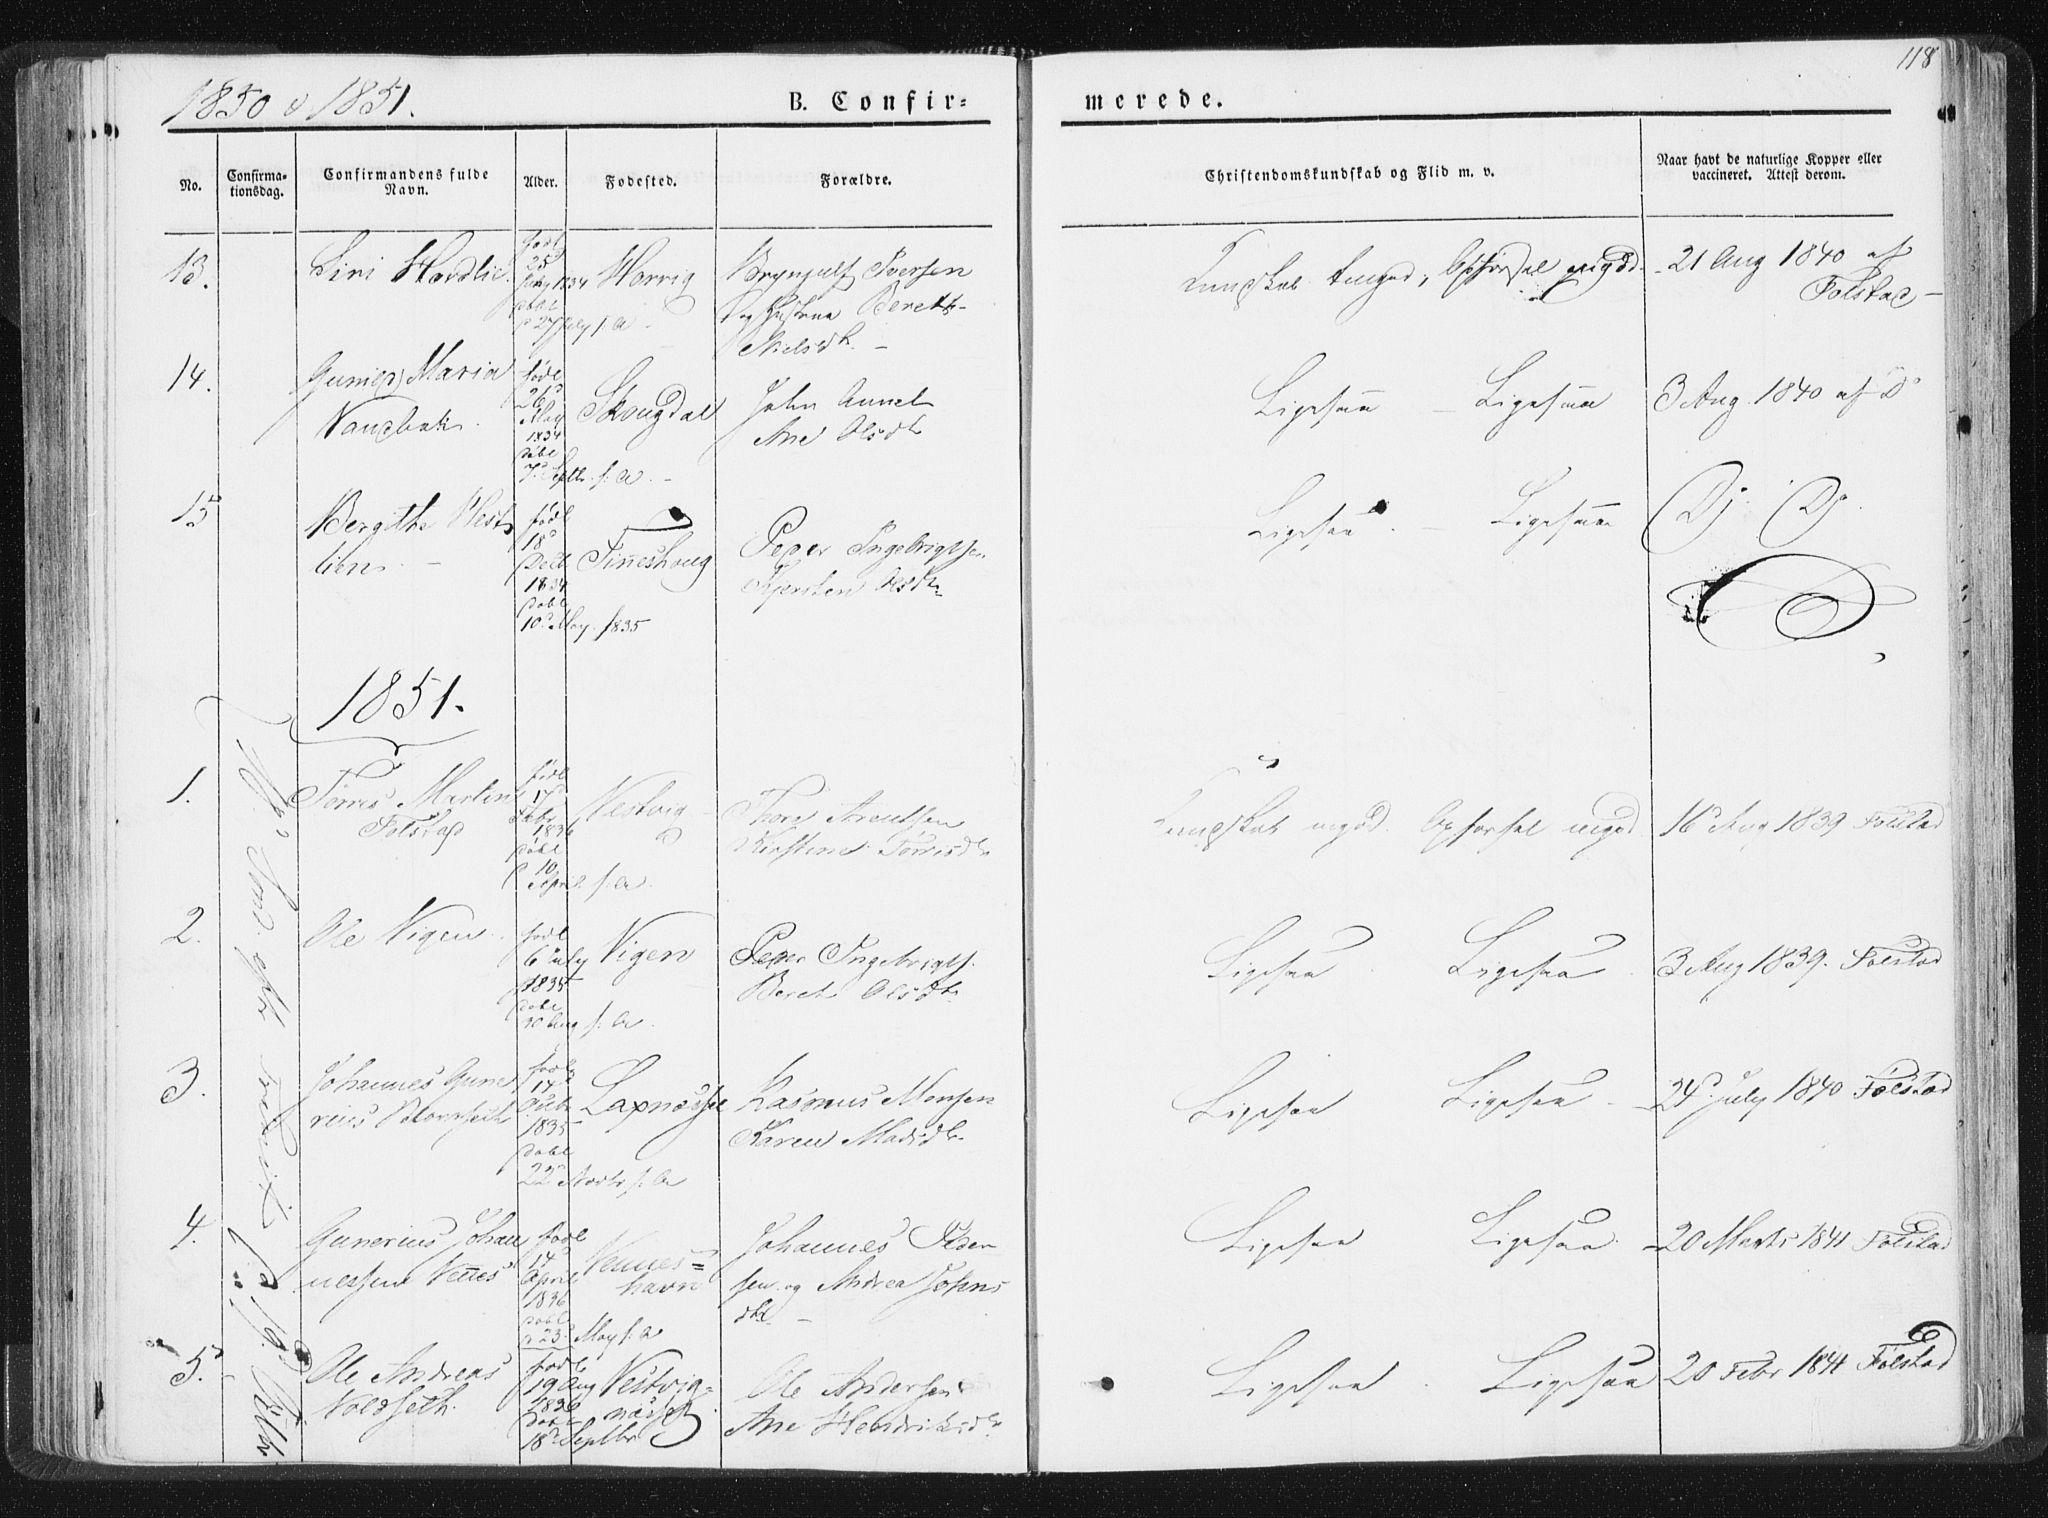 SAT, Ministerialprotokoller, klokkerbøker og fødselsregistre - Nord-Trøndelag, 744/L0418: Ministerialbok nr. 744A02, 1843-1866, s. 118